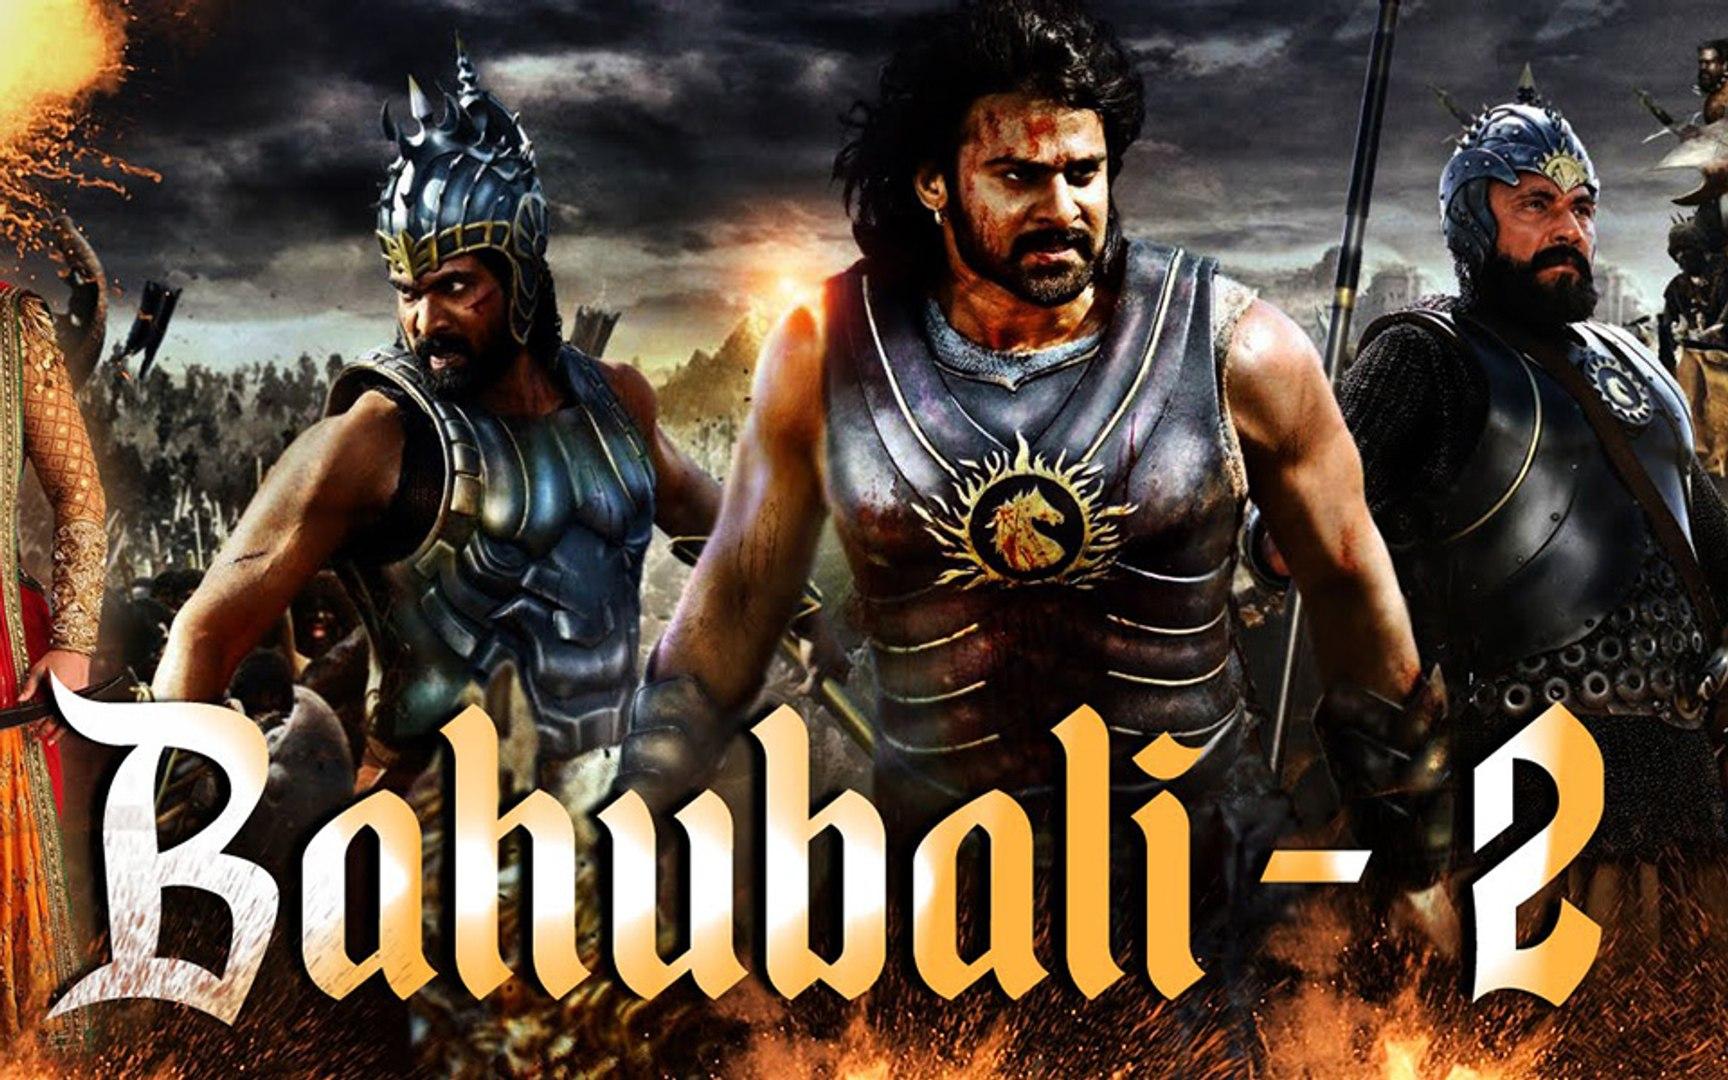 bahubali 2 subtitle indonesia full movie